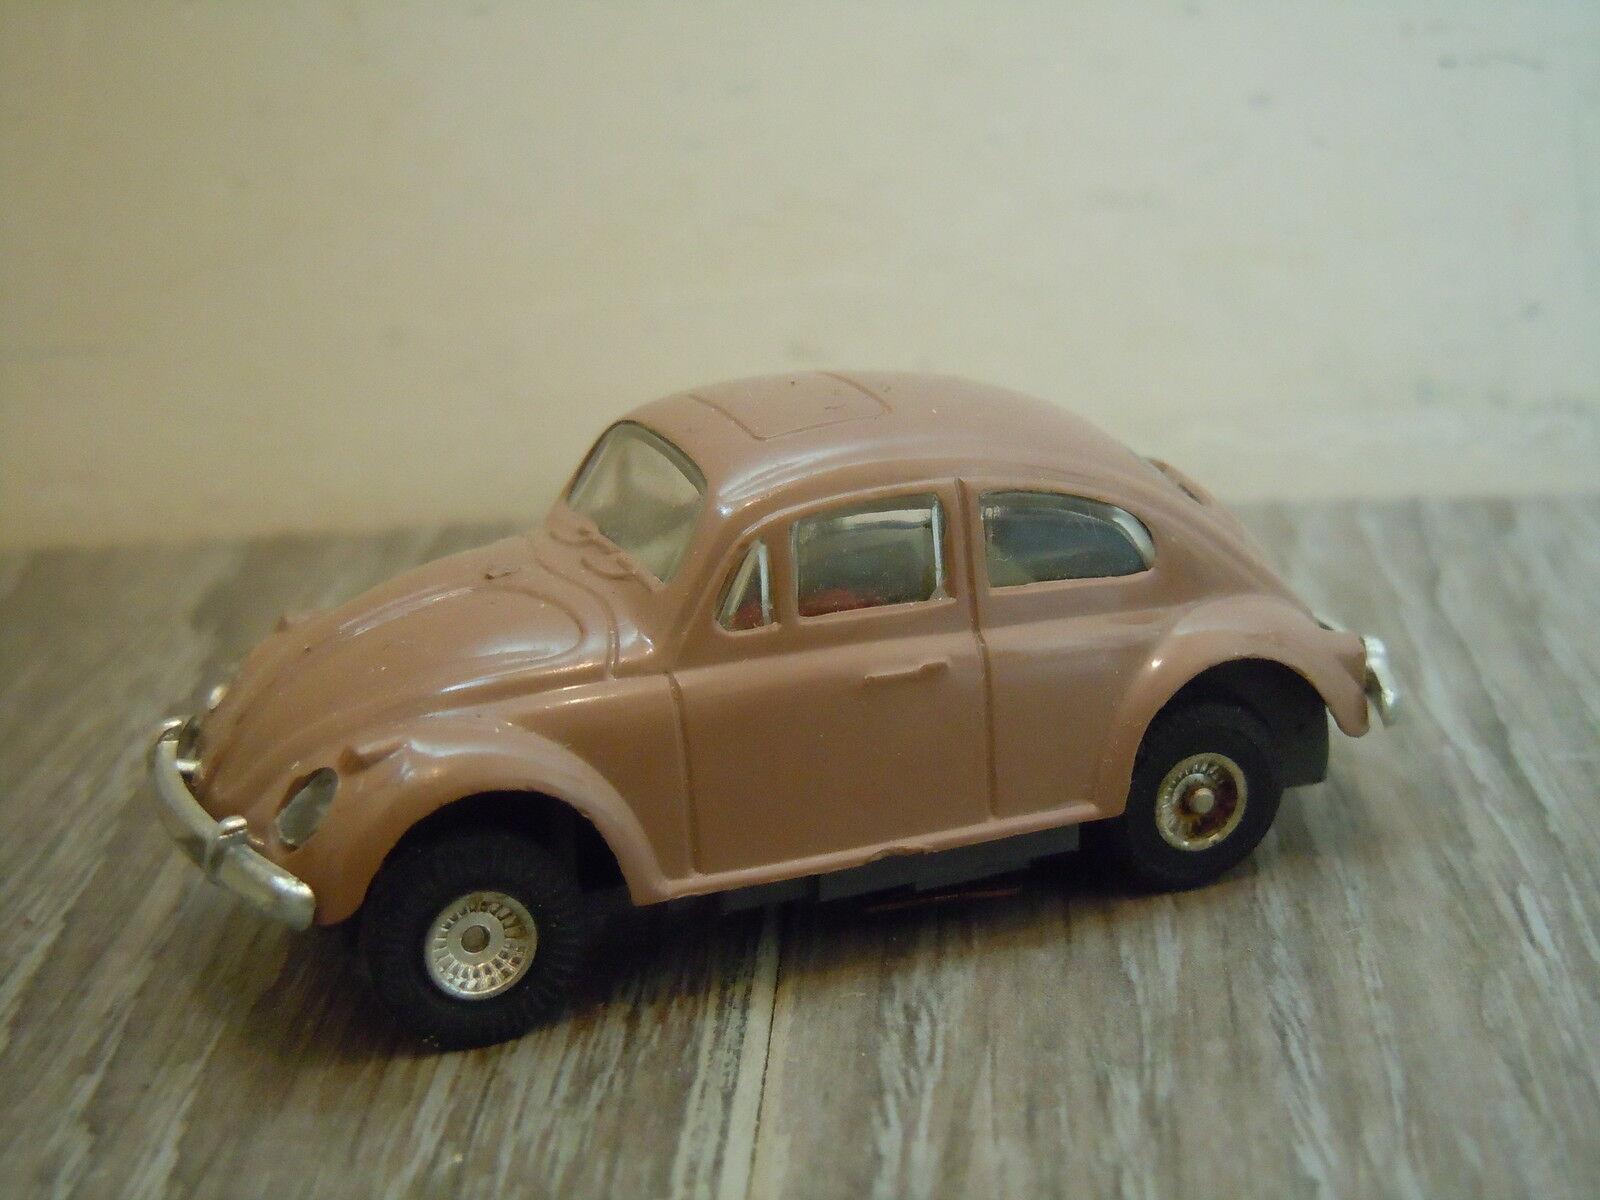 VW VW VW Volkswagen Beetle Kafer Kever van Ftuttier 16390 228091